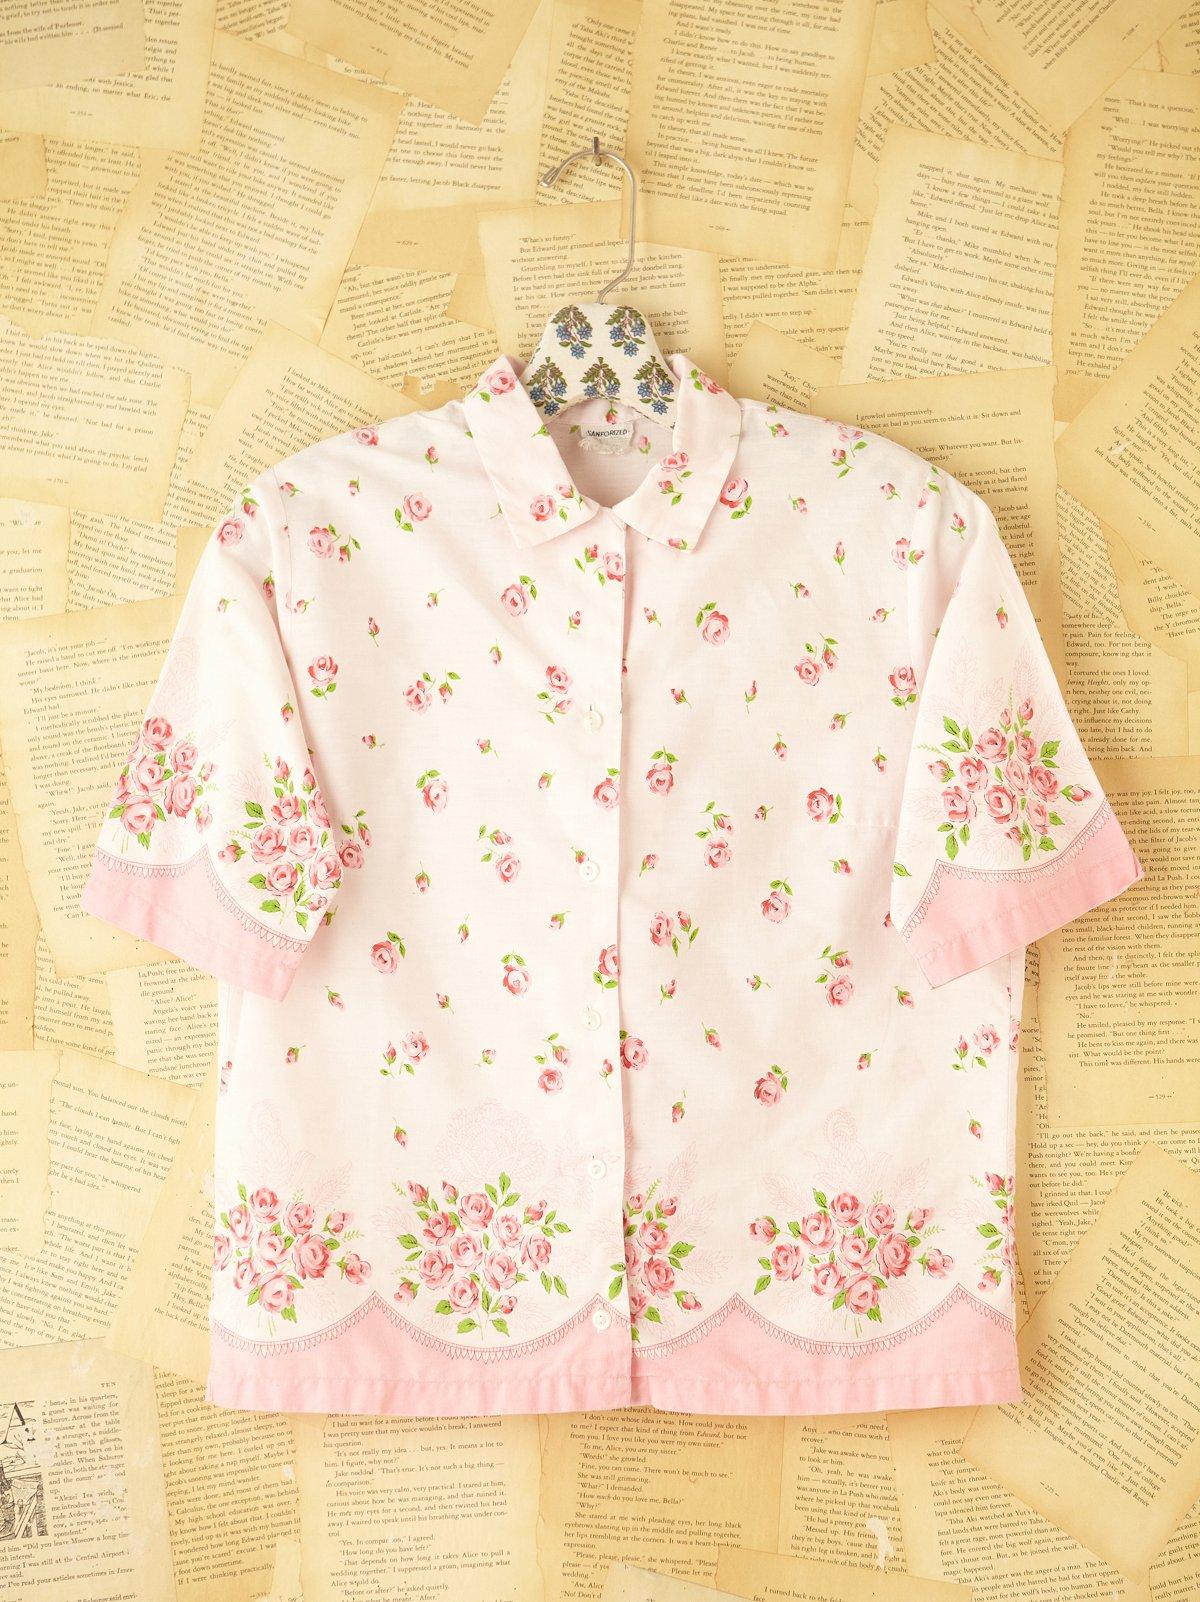 Vintage Floral Buttondown Top